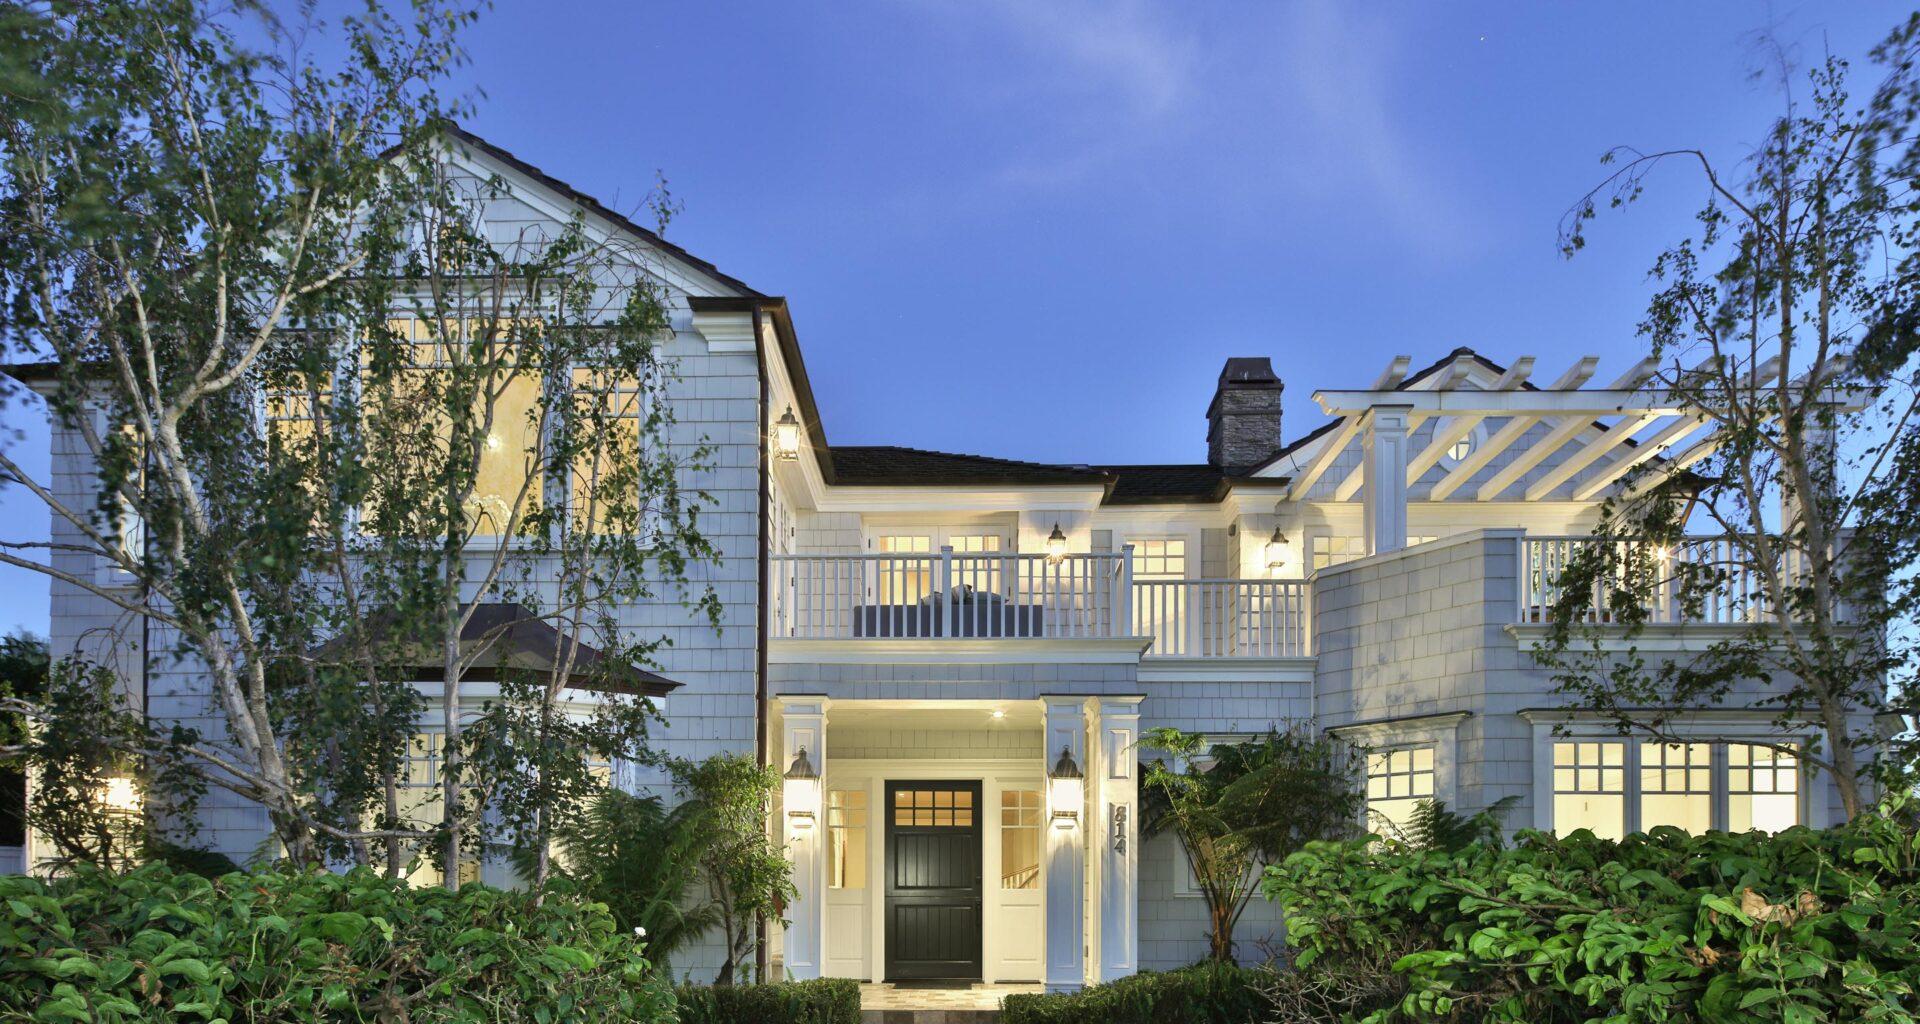 Architect Doug Leach Showcases Cape Cod Design in Manhattan Beach Hill Section